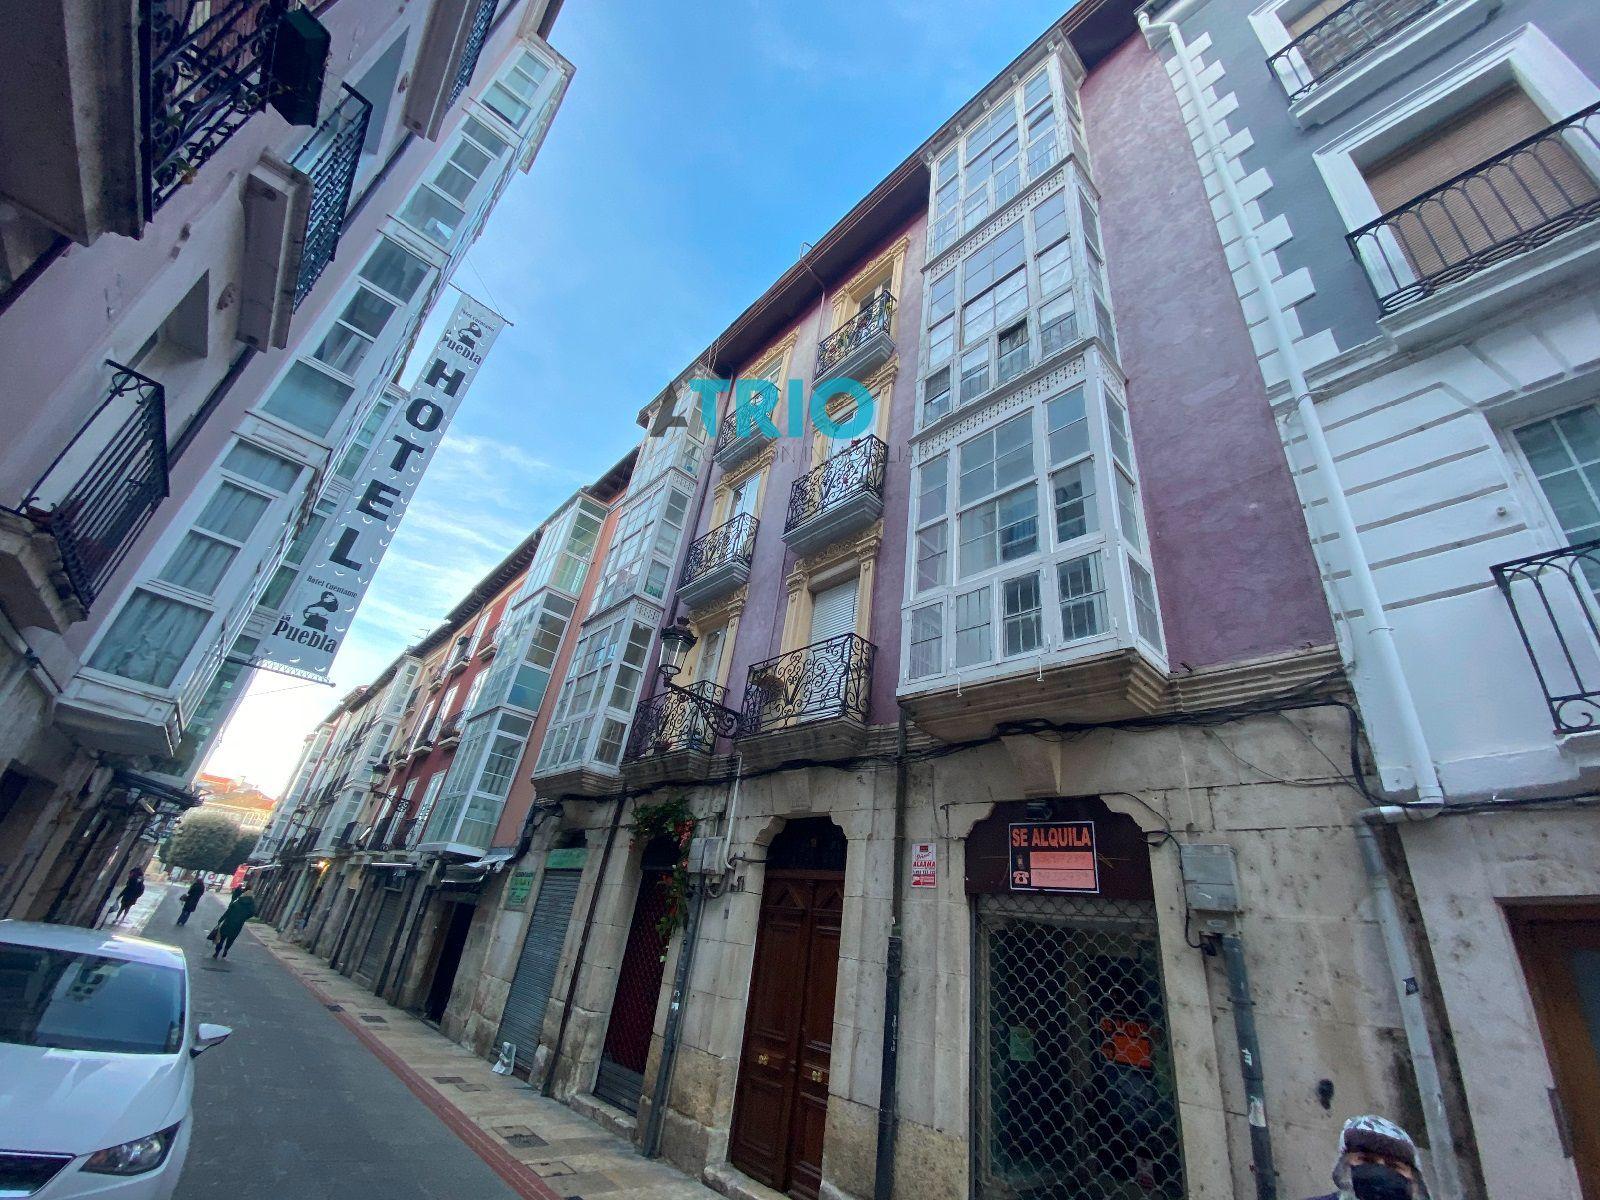 dia.mobiliagestion.es/Portals/inmoatrio/Images/7251/5919258